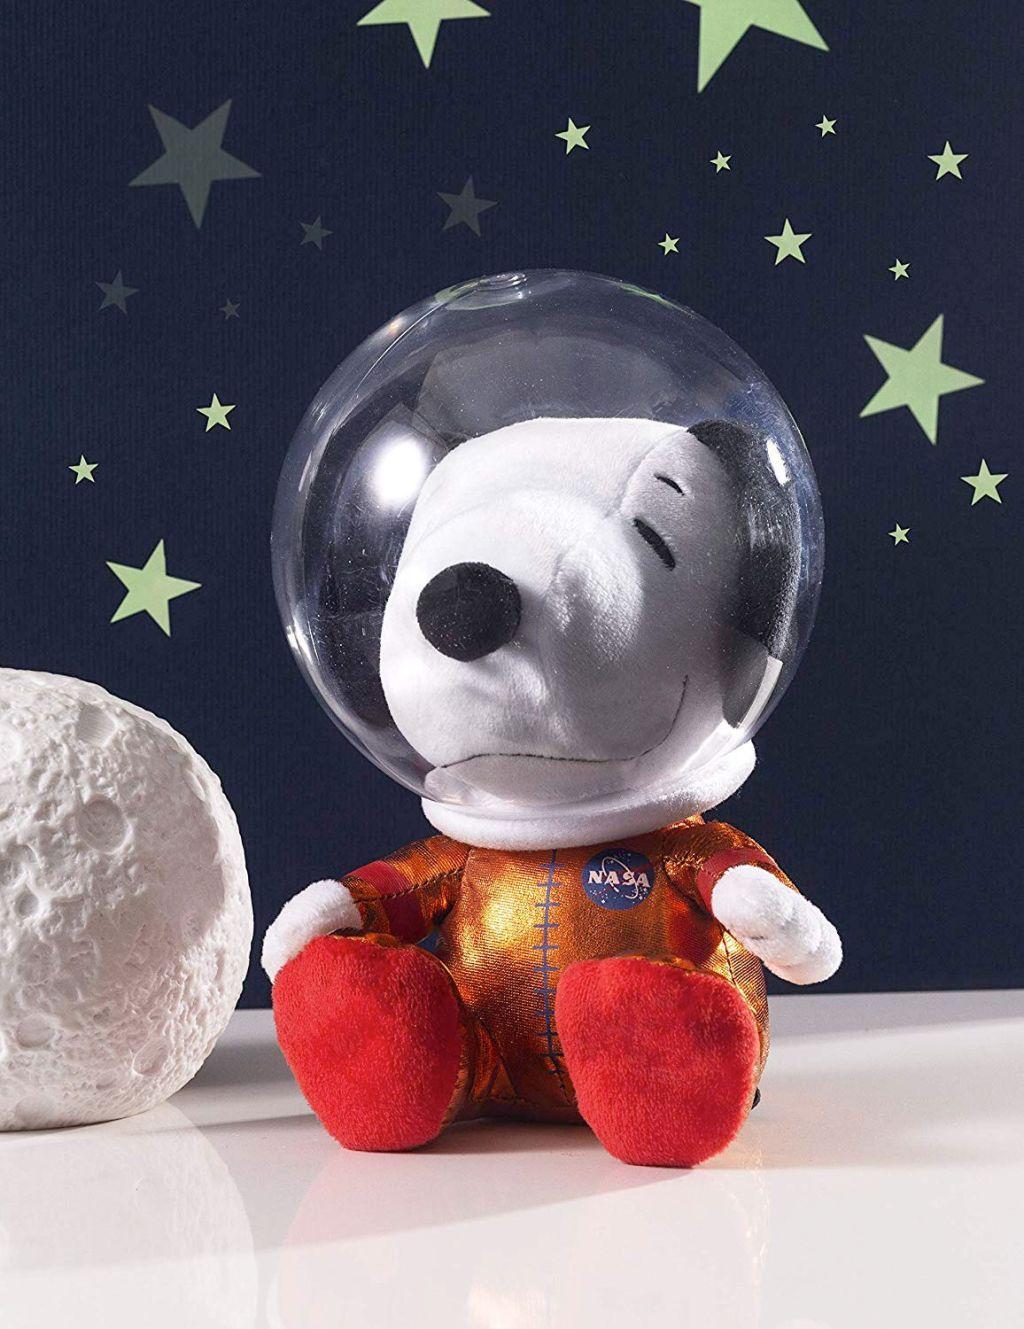 Hallmark`s Astronaut Snoopy Is 50% Off on Amazon